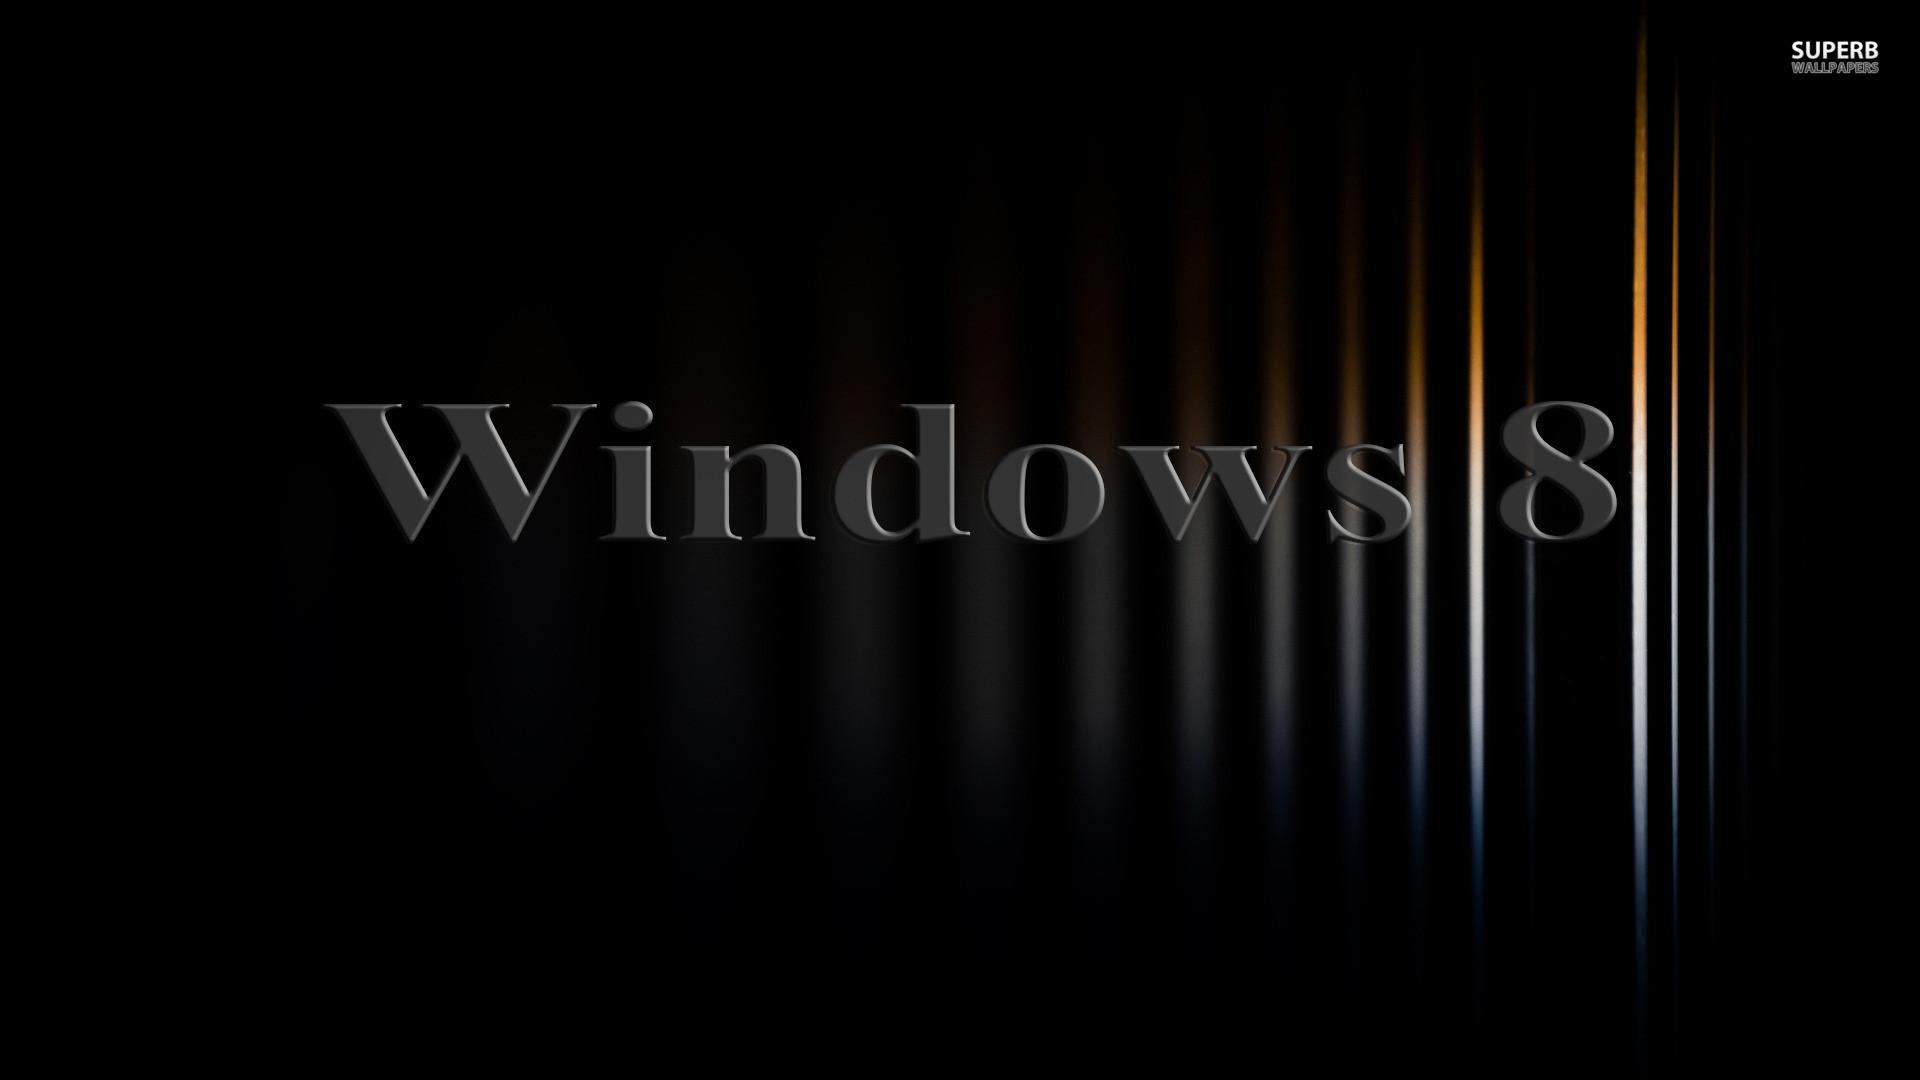 Windows 8.1 HD Wallpapers Gallery (85 Plus) – juegosrev.com – juegosrev.com